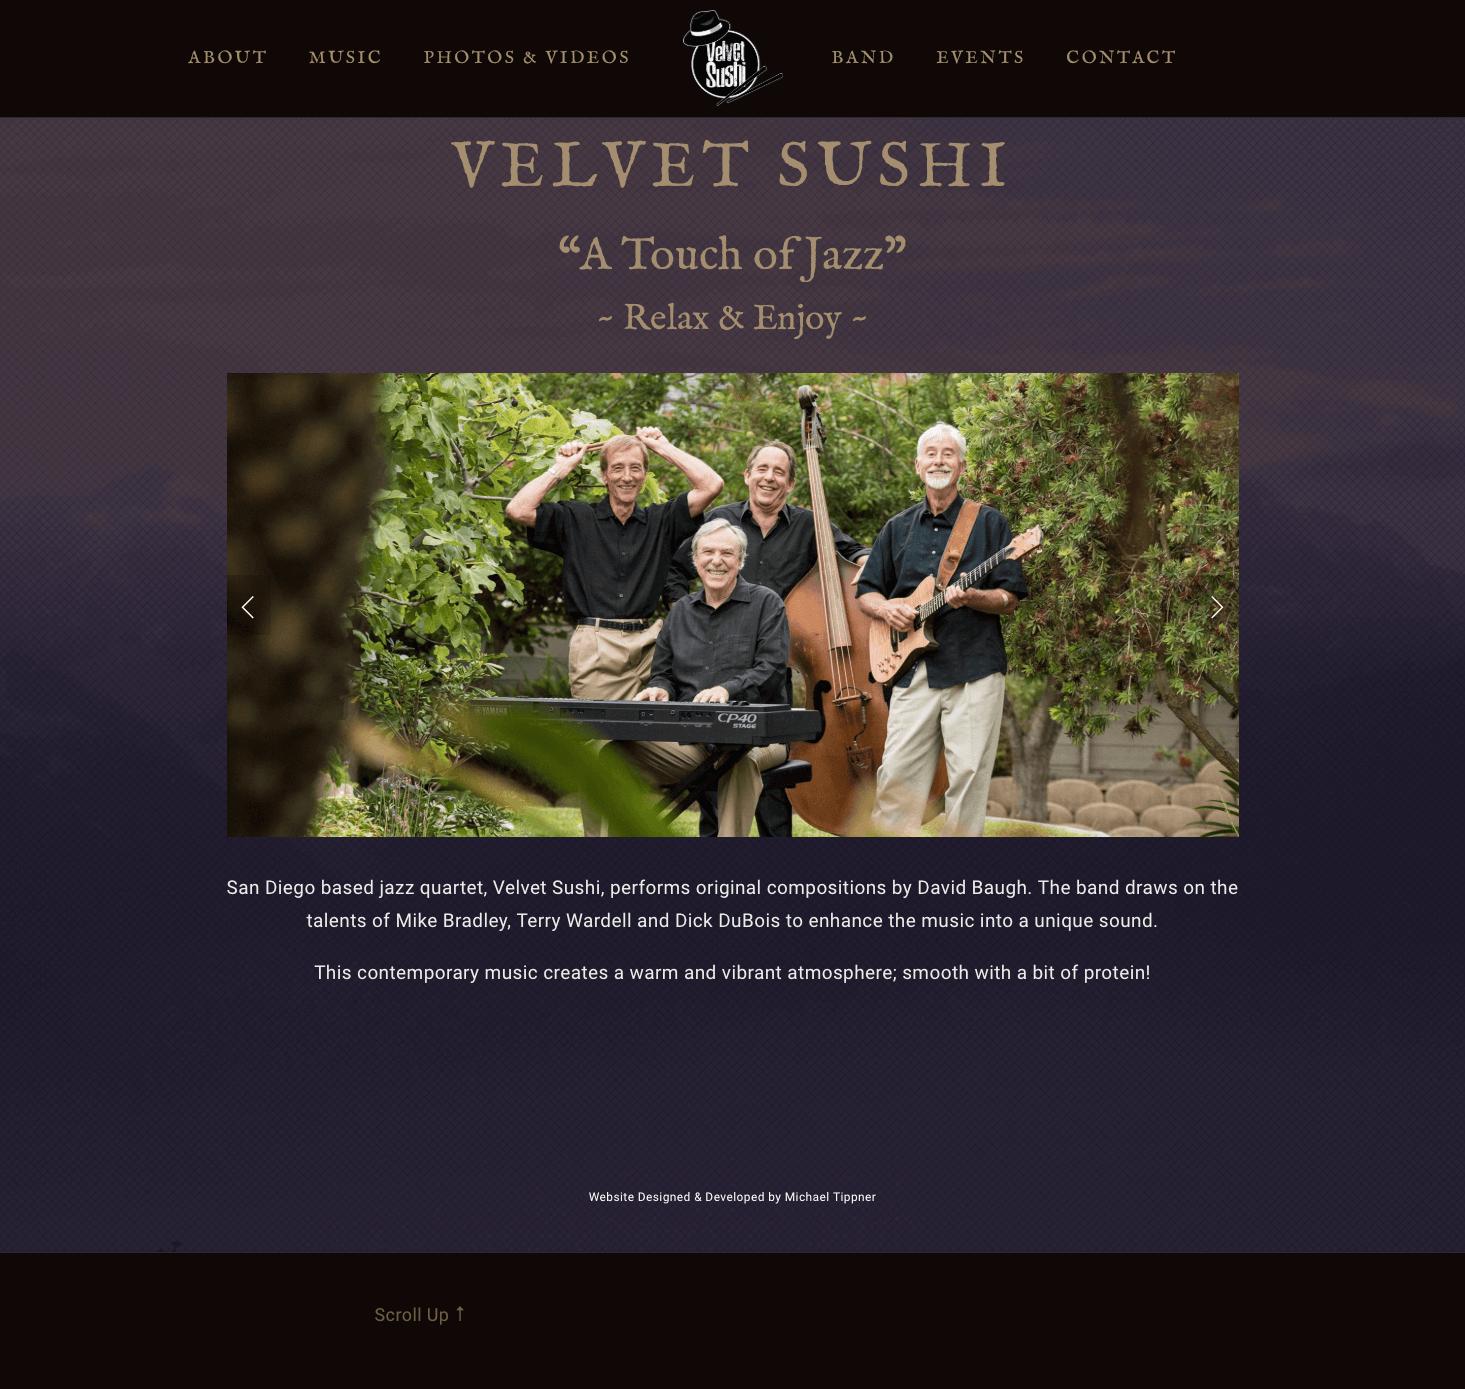 Velvet-Sushi-Jazz-Band-Website-Design-Home-Page